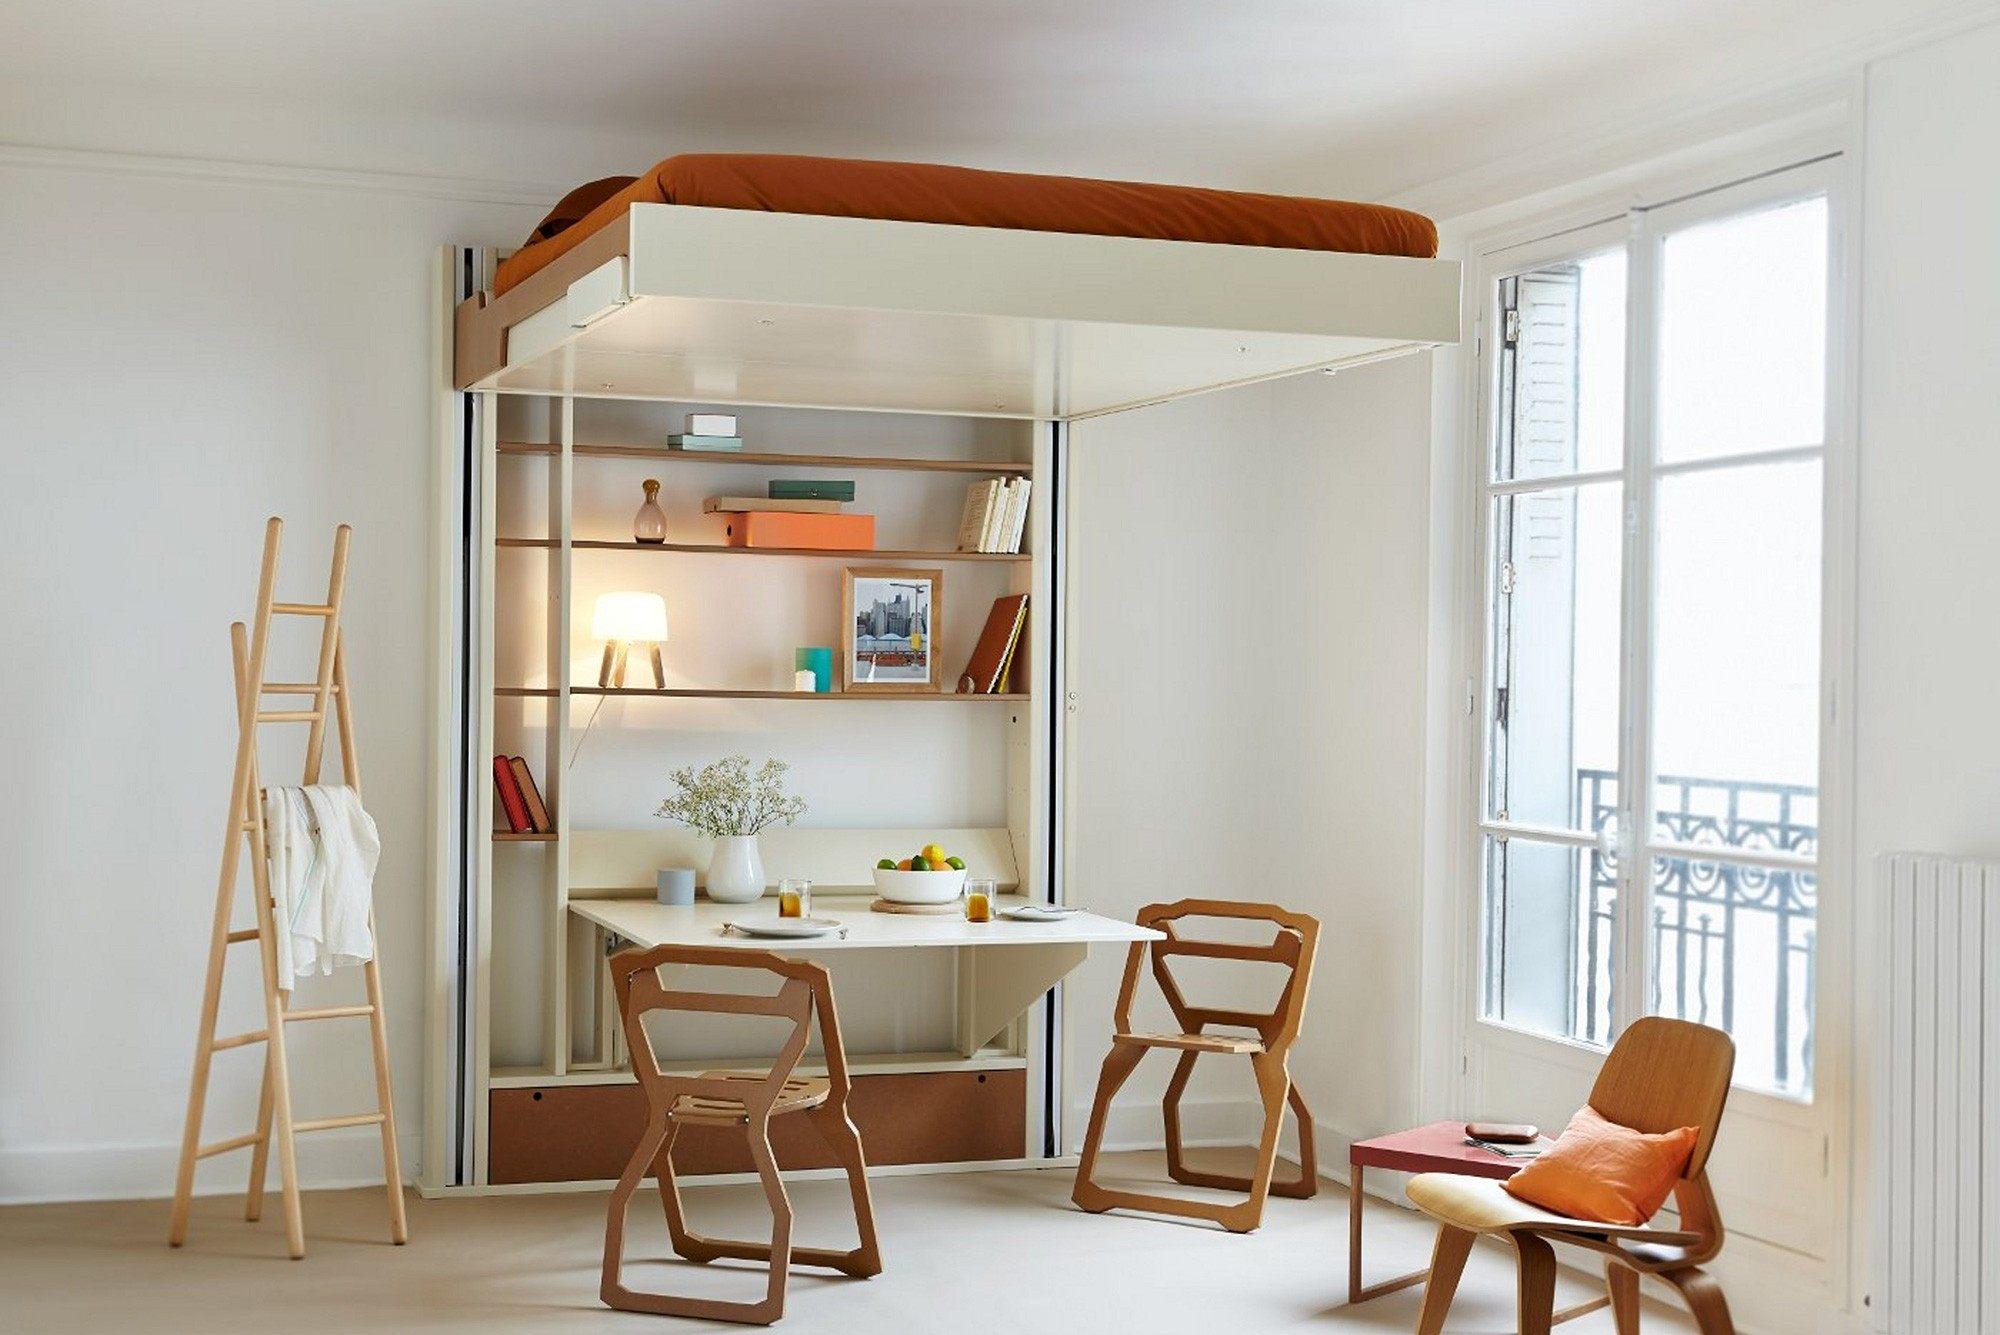 Lit Fly Enfant Inspiré Fascinant Lit Armoire 2 Places Dans Lit Mezzanine 2 Places Fly Lit